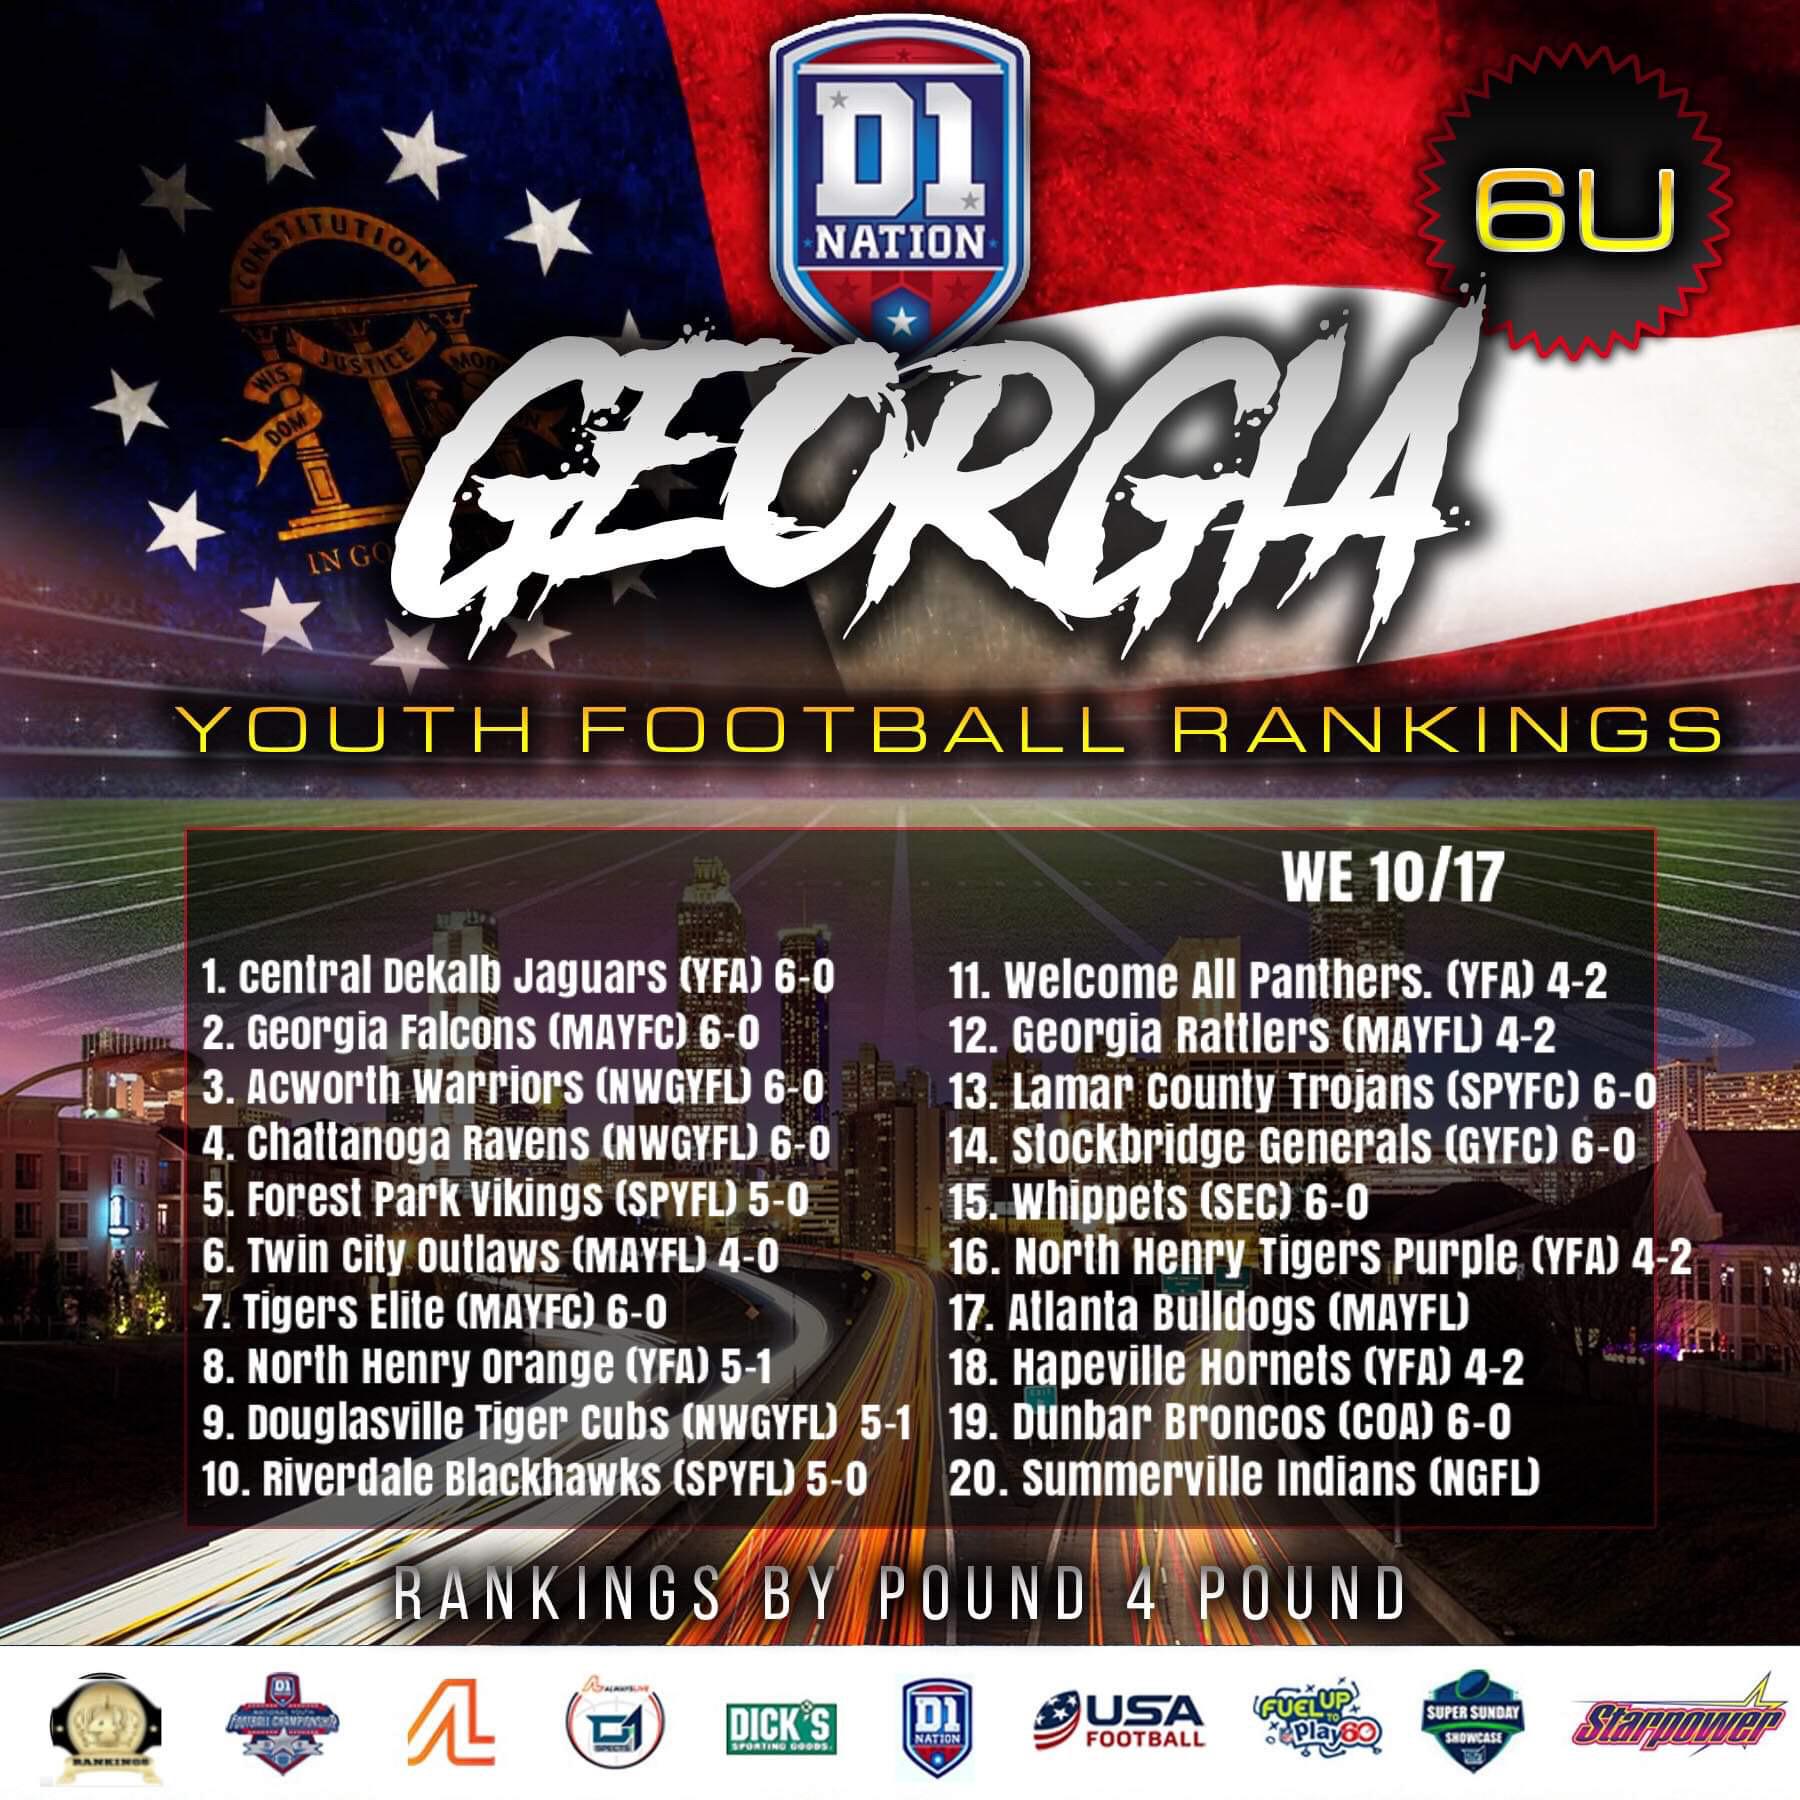 Update 10/21/2019: Georgia Youth Football Rankings – 6U